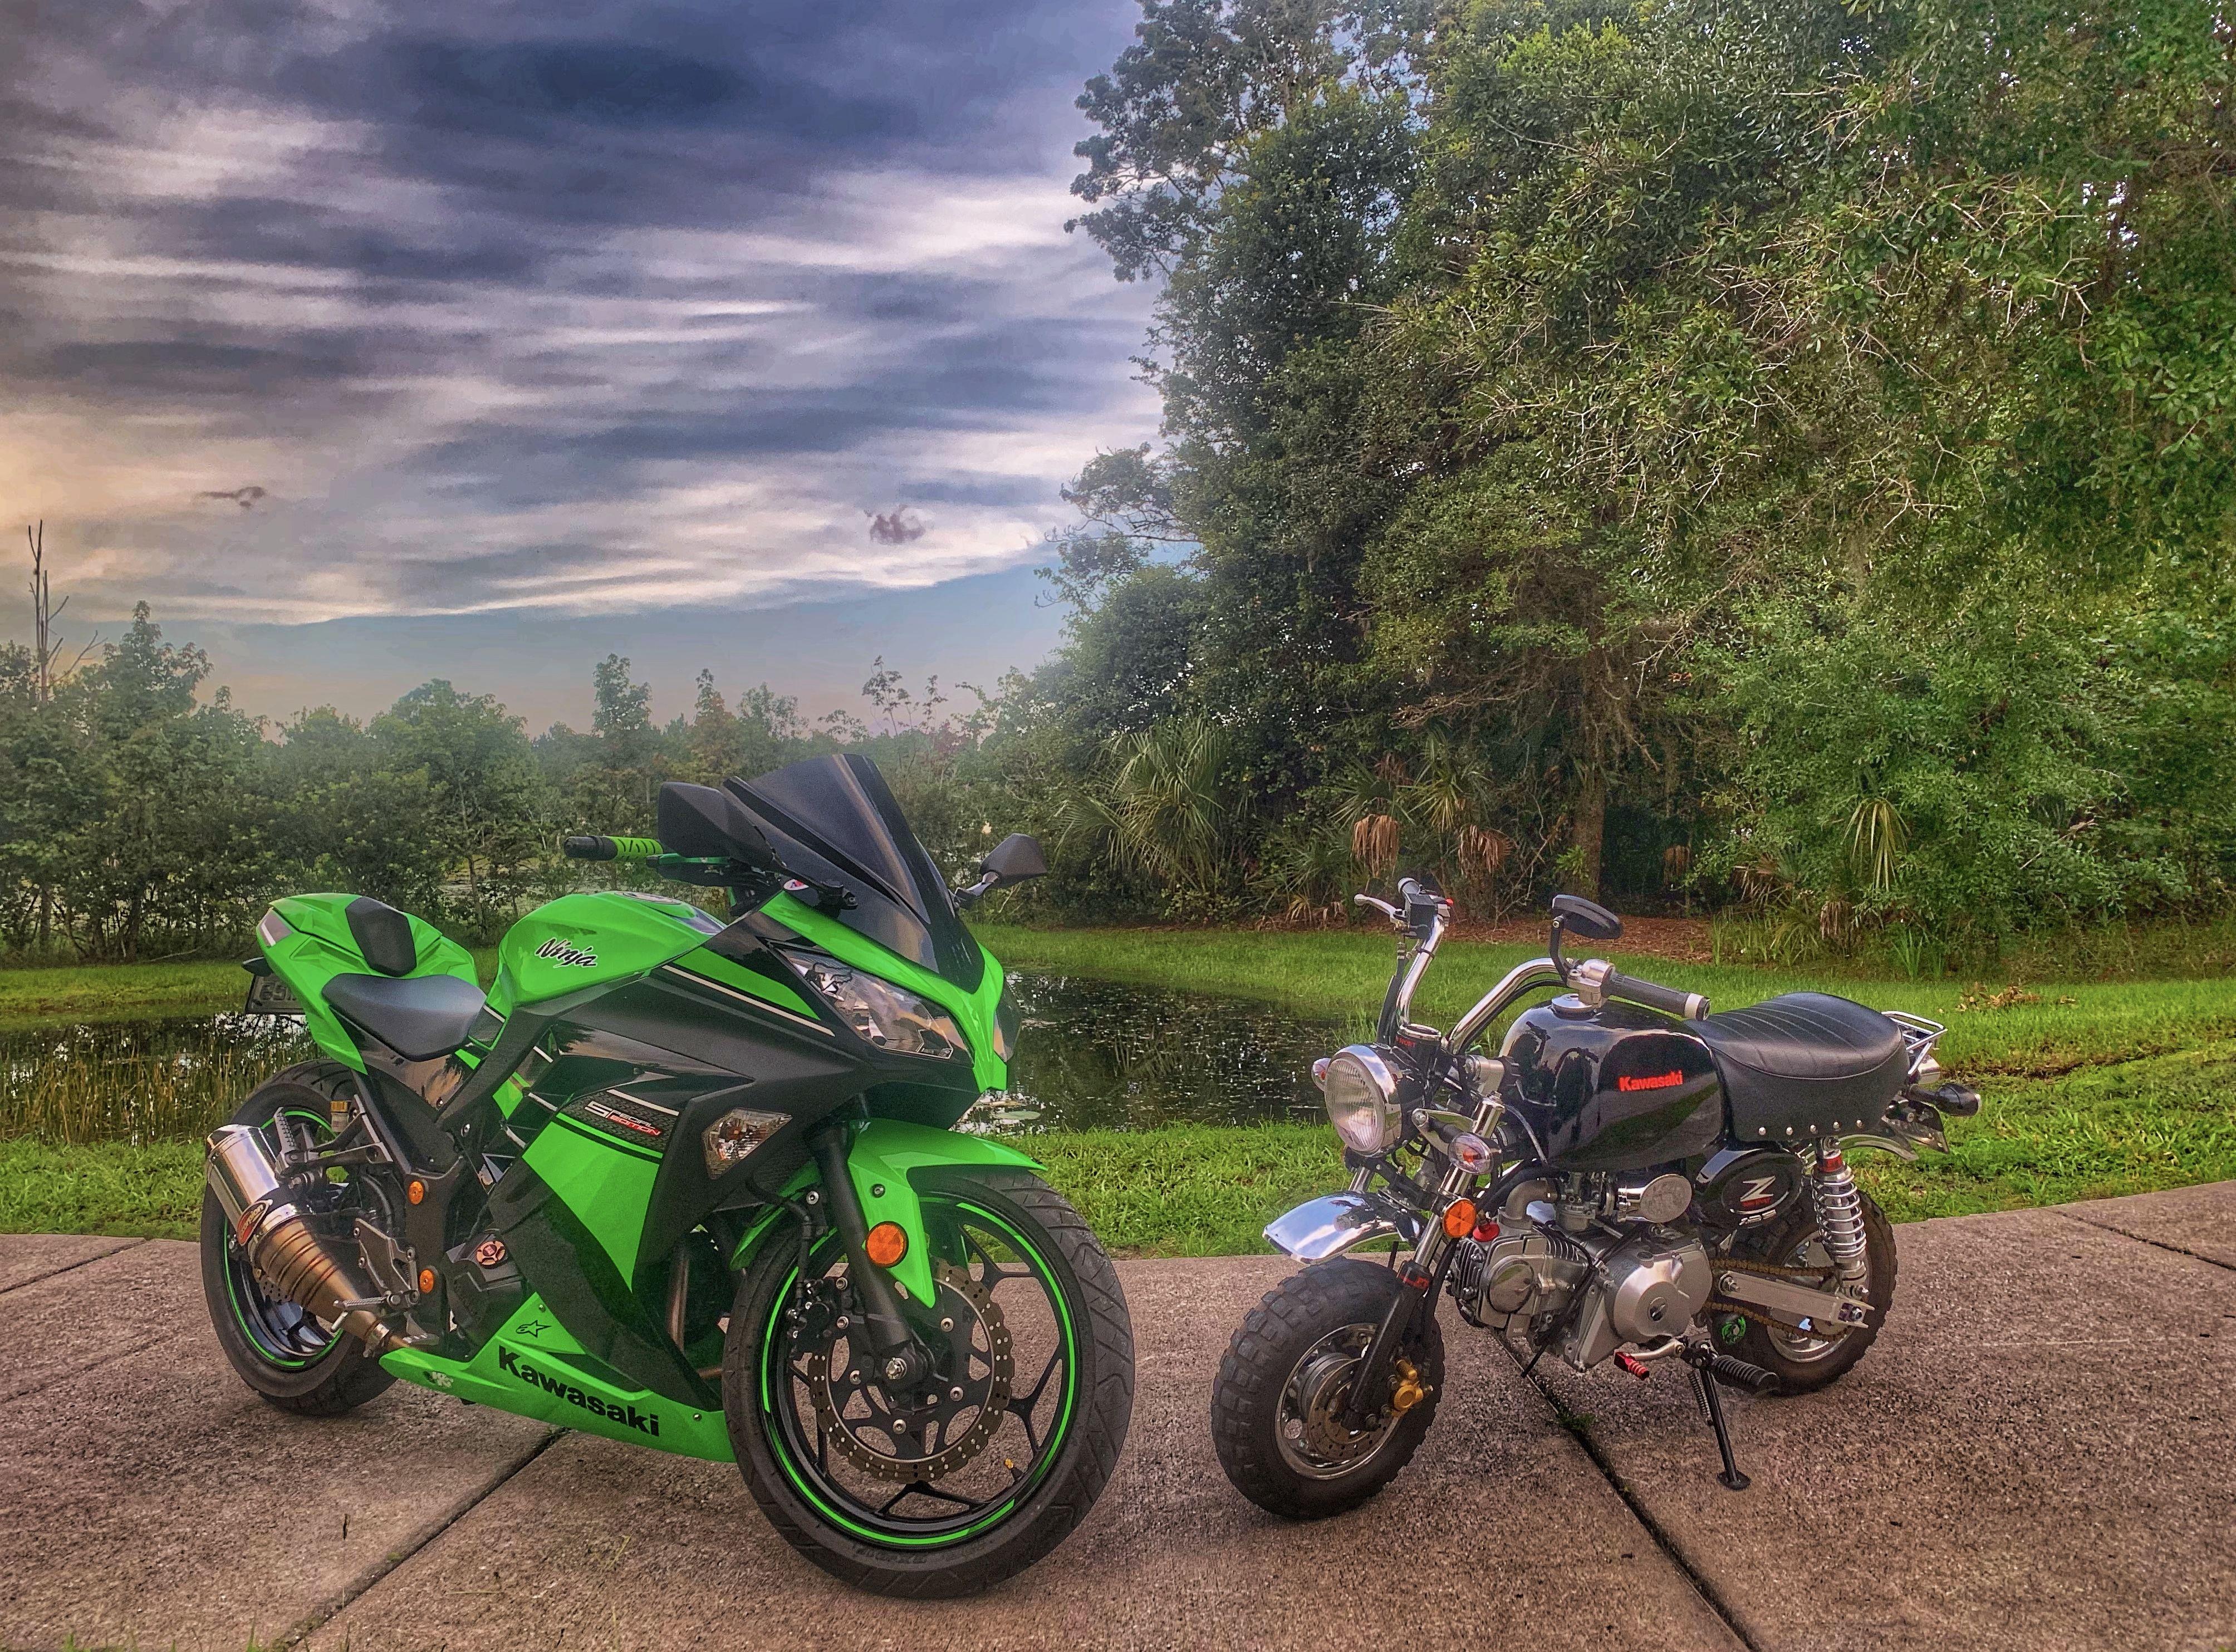 2013 Kawasaki Ninja 300 And 2014 Monkey Bike 125 Kawasaki Ninja 300 2013 Kawasaki Ninja 300 Kawasaki Ninja